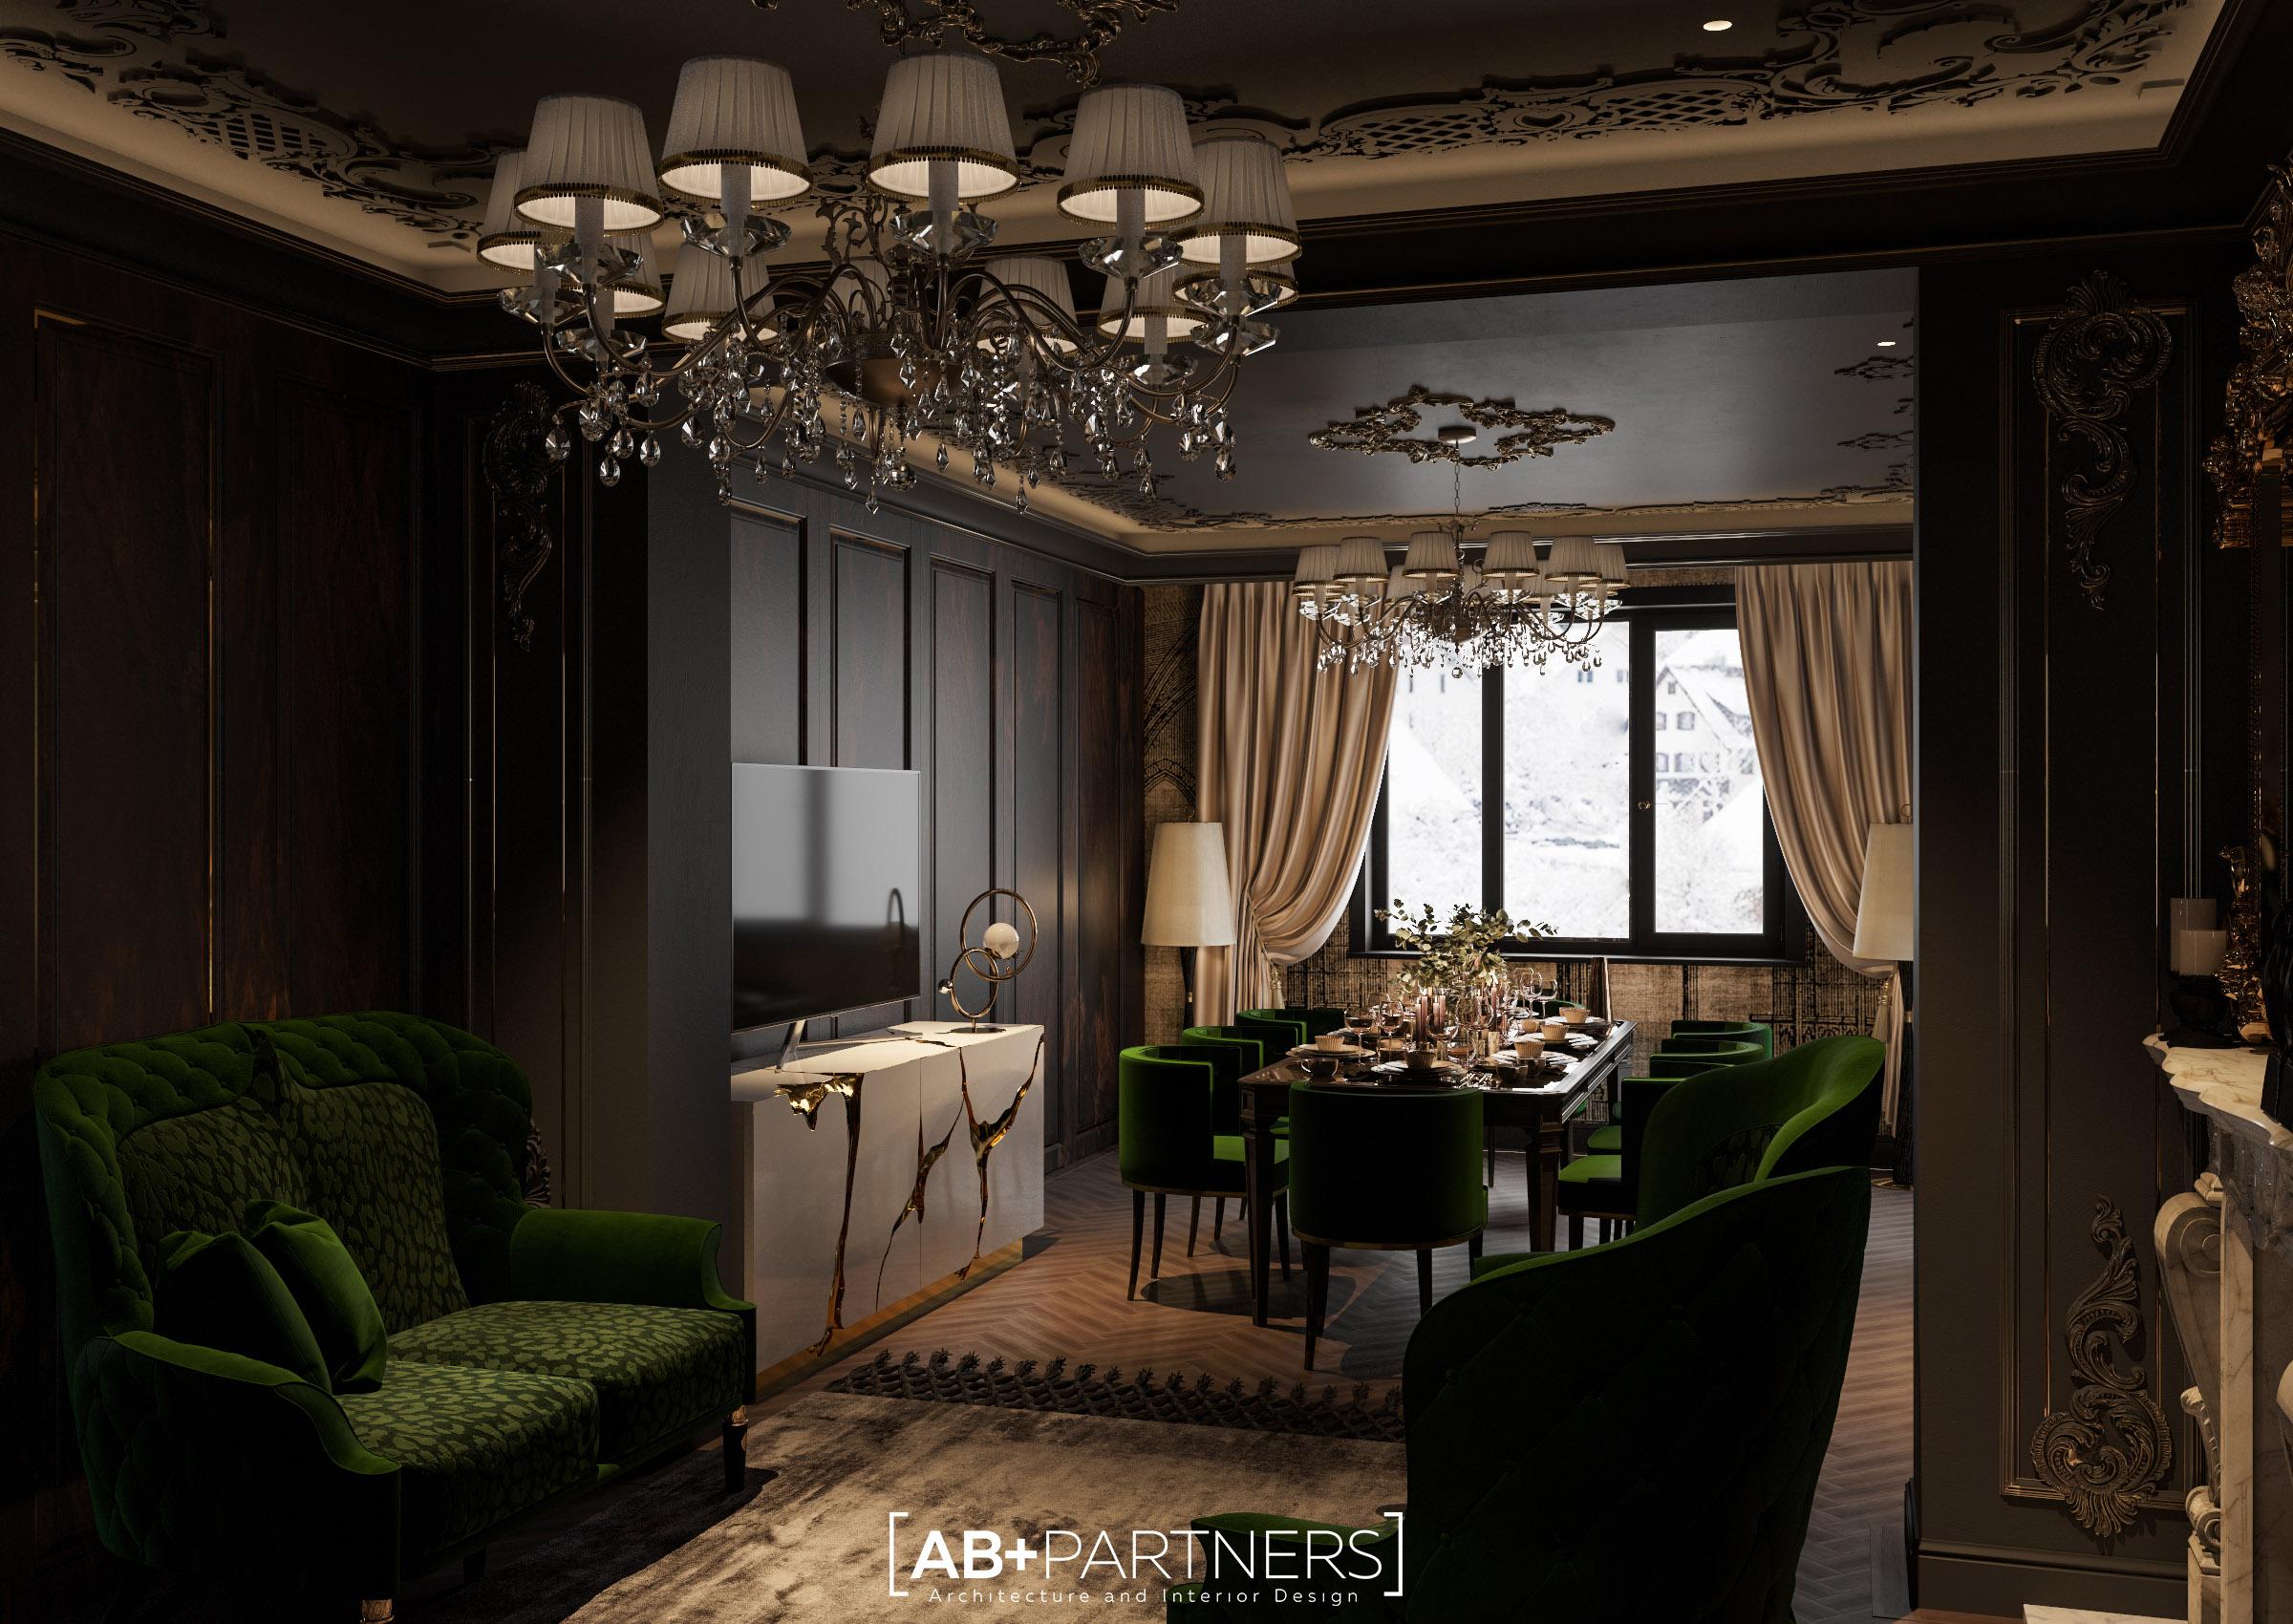 luxury desing interior pentru living room, sufragerie. Proiect de la ab+partners